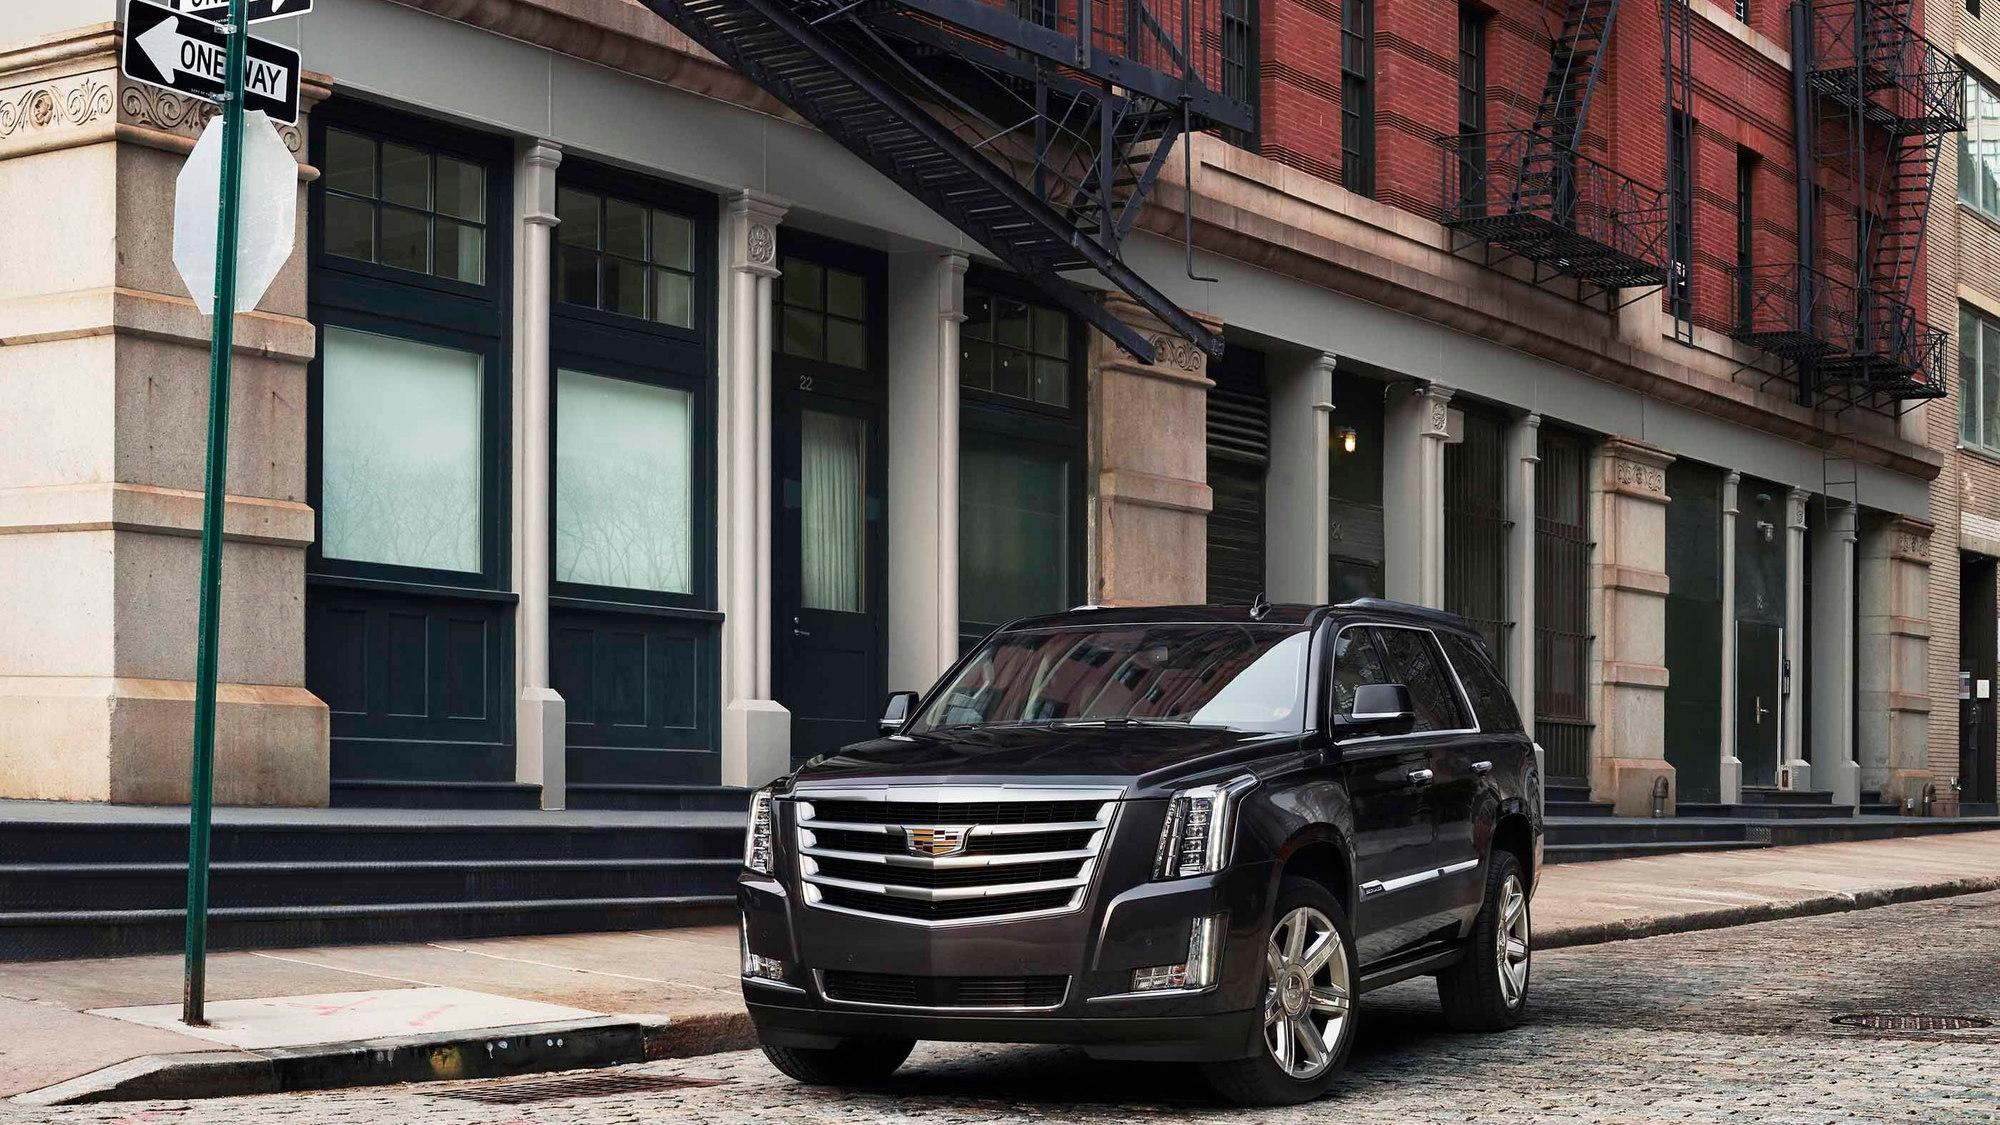 Cadillac Evening News >> Cadillac Escalade News Breaking News Photos Videos Motor